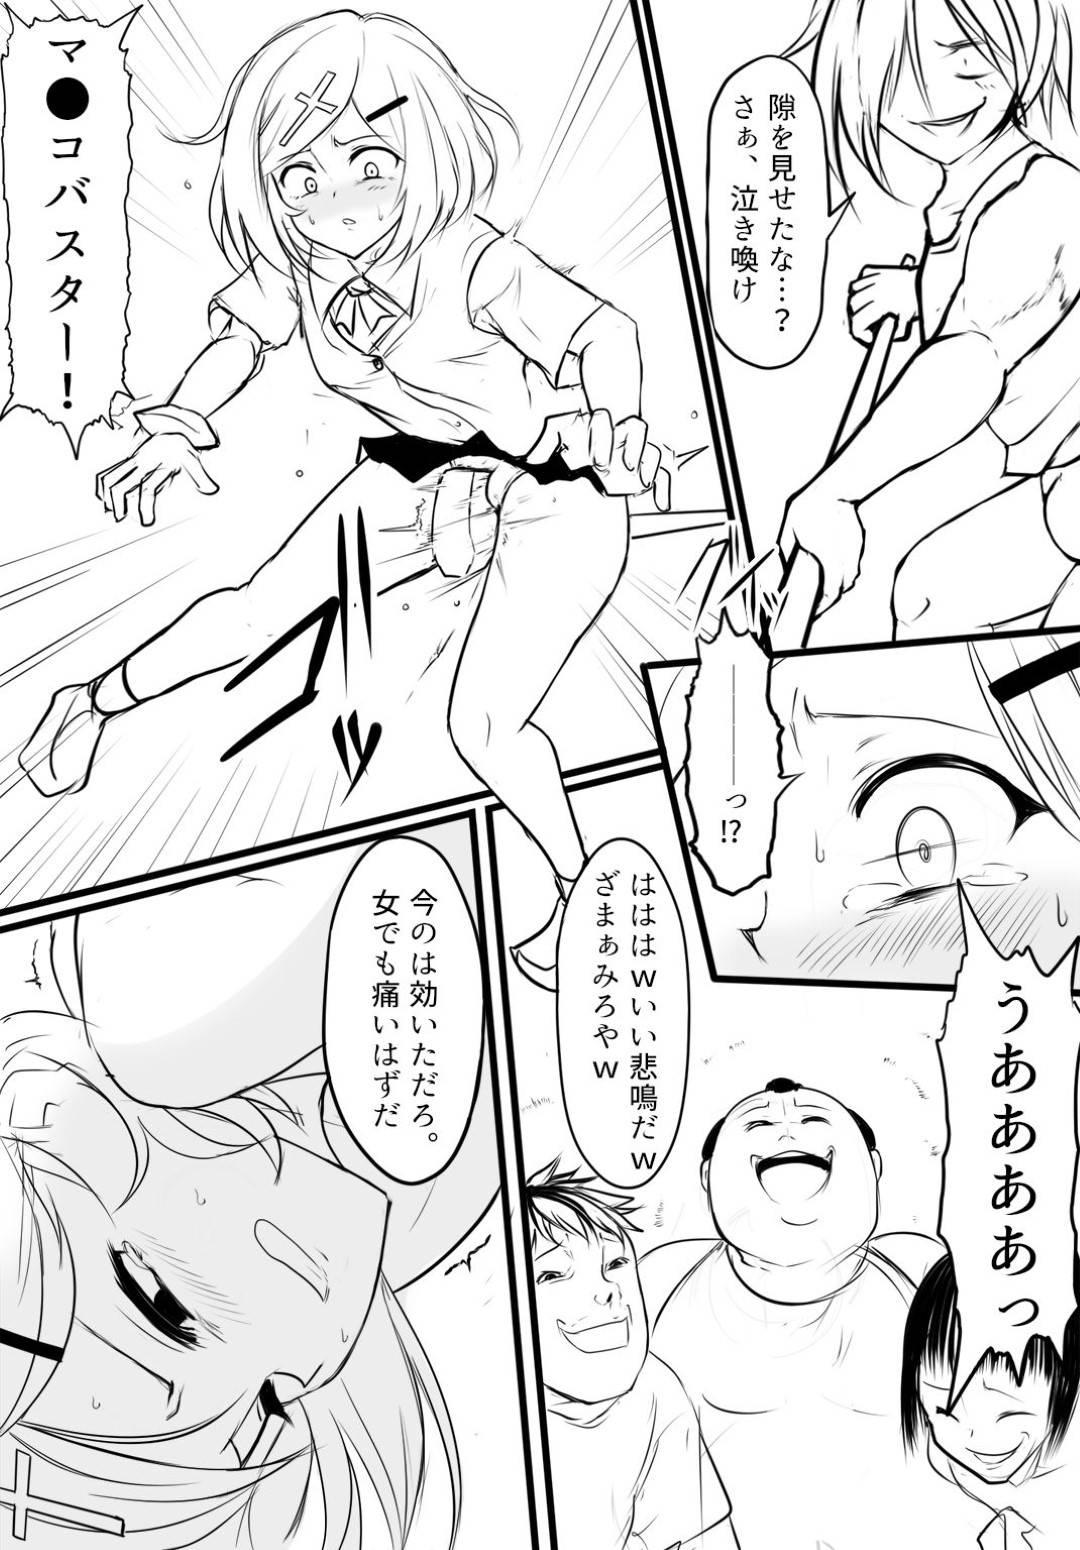 【エロ漫画】犯罪組織に乗り込んだ殺し屋のセイラ。いつもどおりに男たちを始末することができず、逆に組み伏せられてしまう。そして男たちは今までの恨みをぶつけようと腹パンして陵辱する。更には彼女のアナルをレイプする。